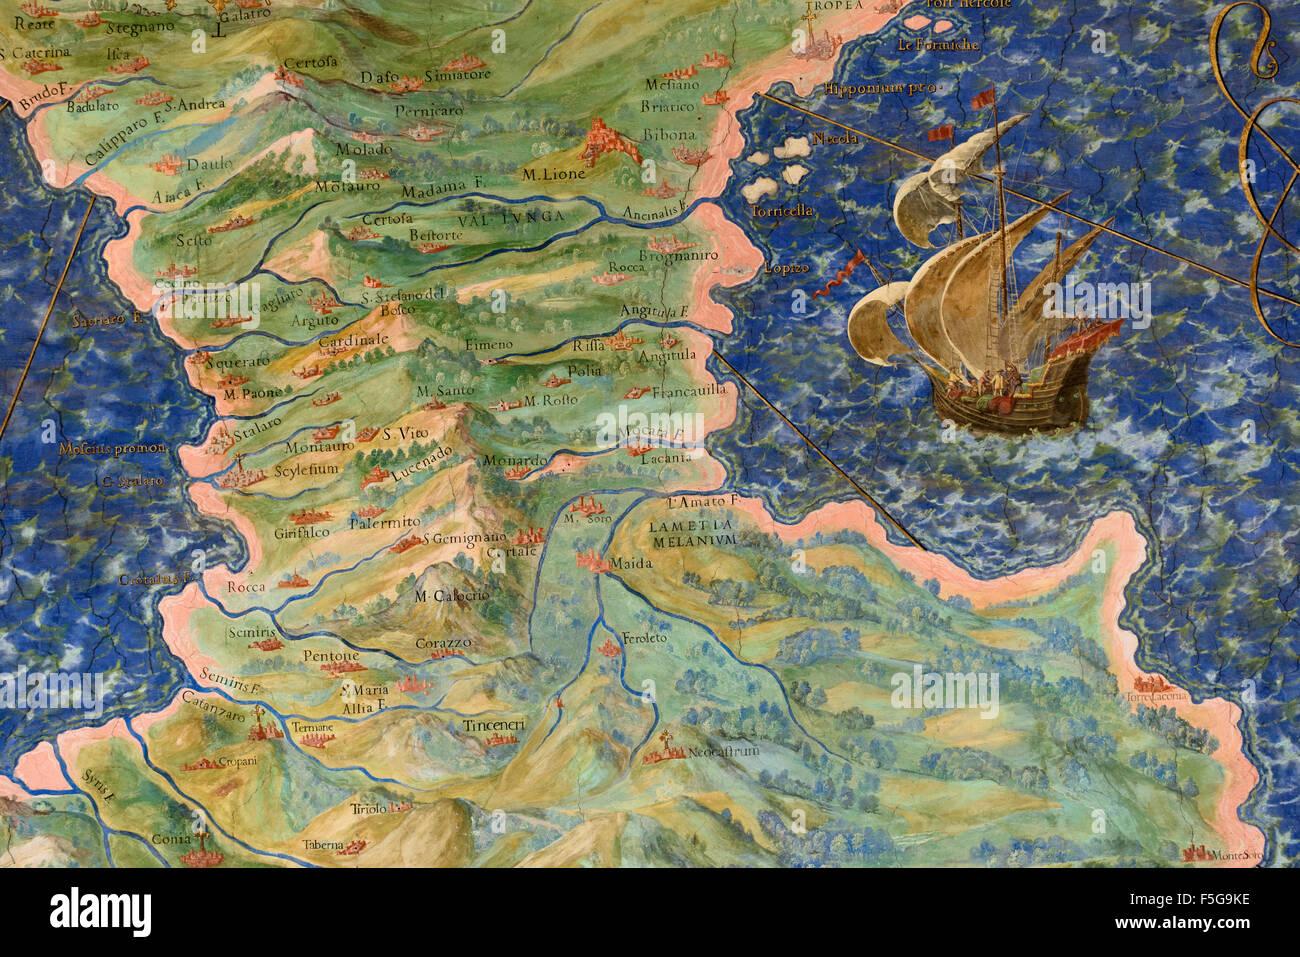 L Italia Cartina.Roma L Italia Mappa Di Calabria Dettaglio Galleria Di Mappe Musei Vaticani Foto Stock Alamy